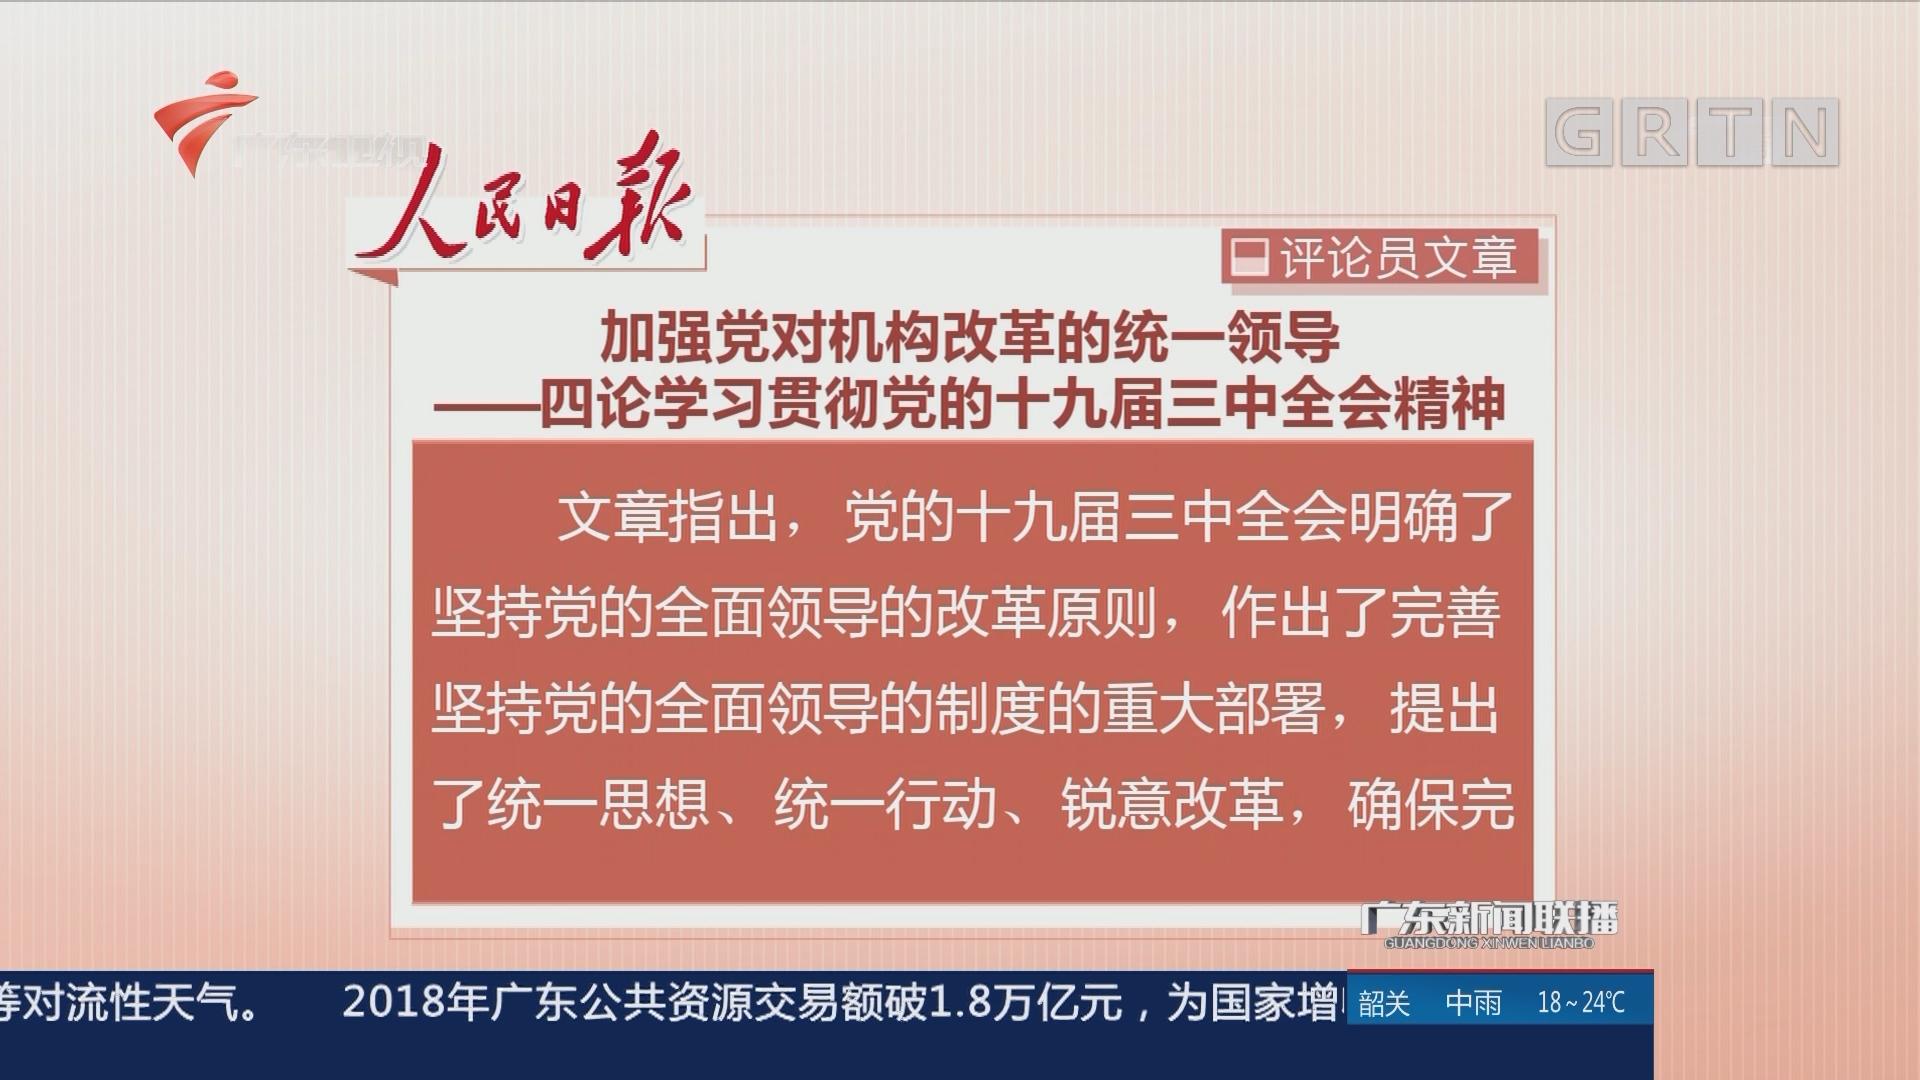 人民日报评论员:加强党对机构改革的统一领导——四论学习贯彻党的十九届三中全会精神